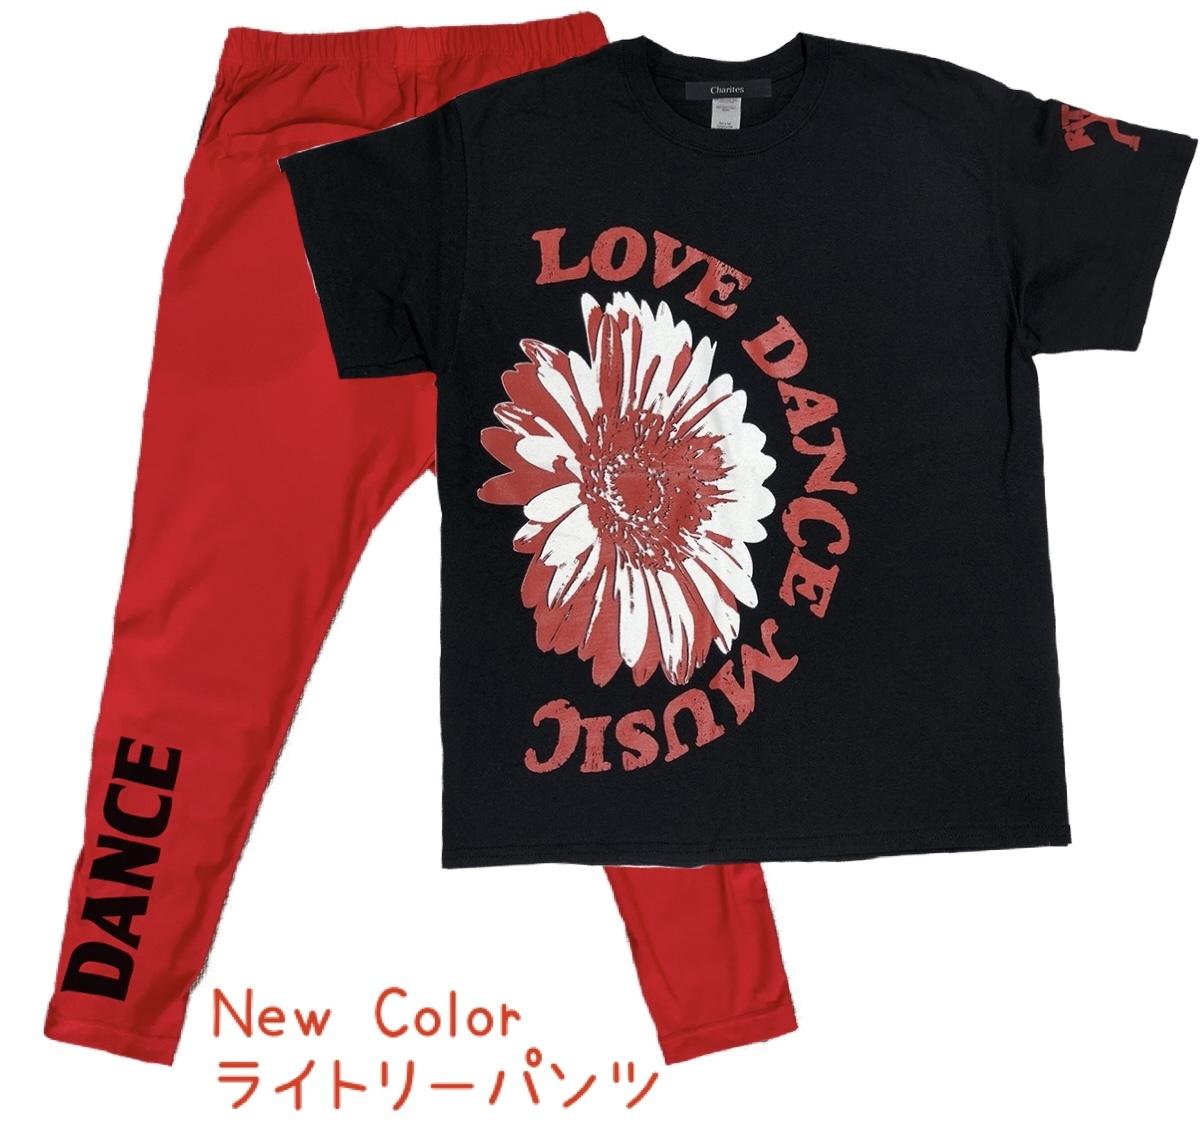 3月新商品 予約販売のお知らせ_f0176043_16382390.jpg